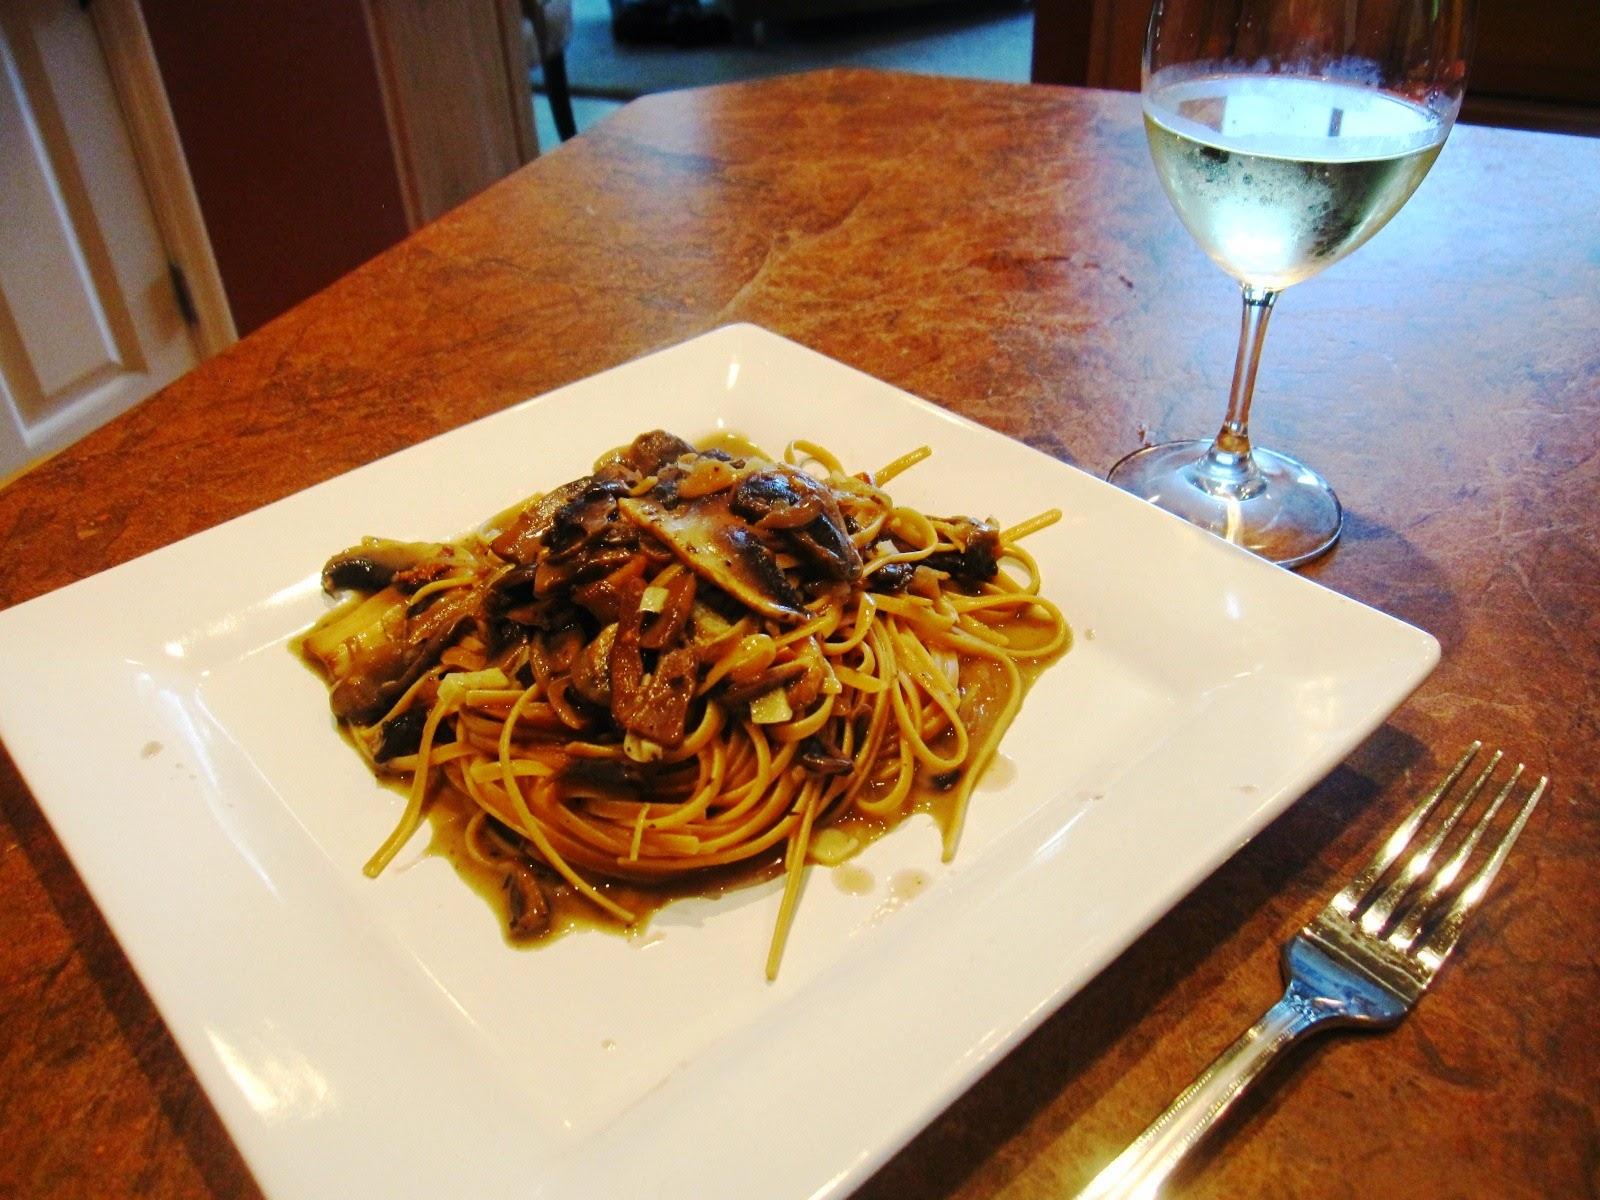 【靜姐上菜】Jean的廚房飲食歡樂記: 大蒜辣椒蘑菇細扁麵